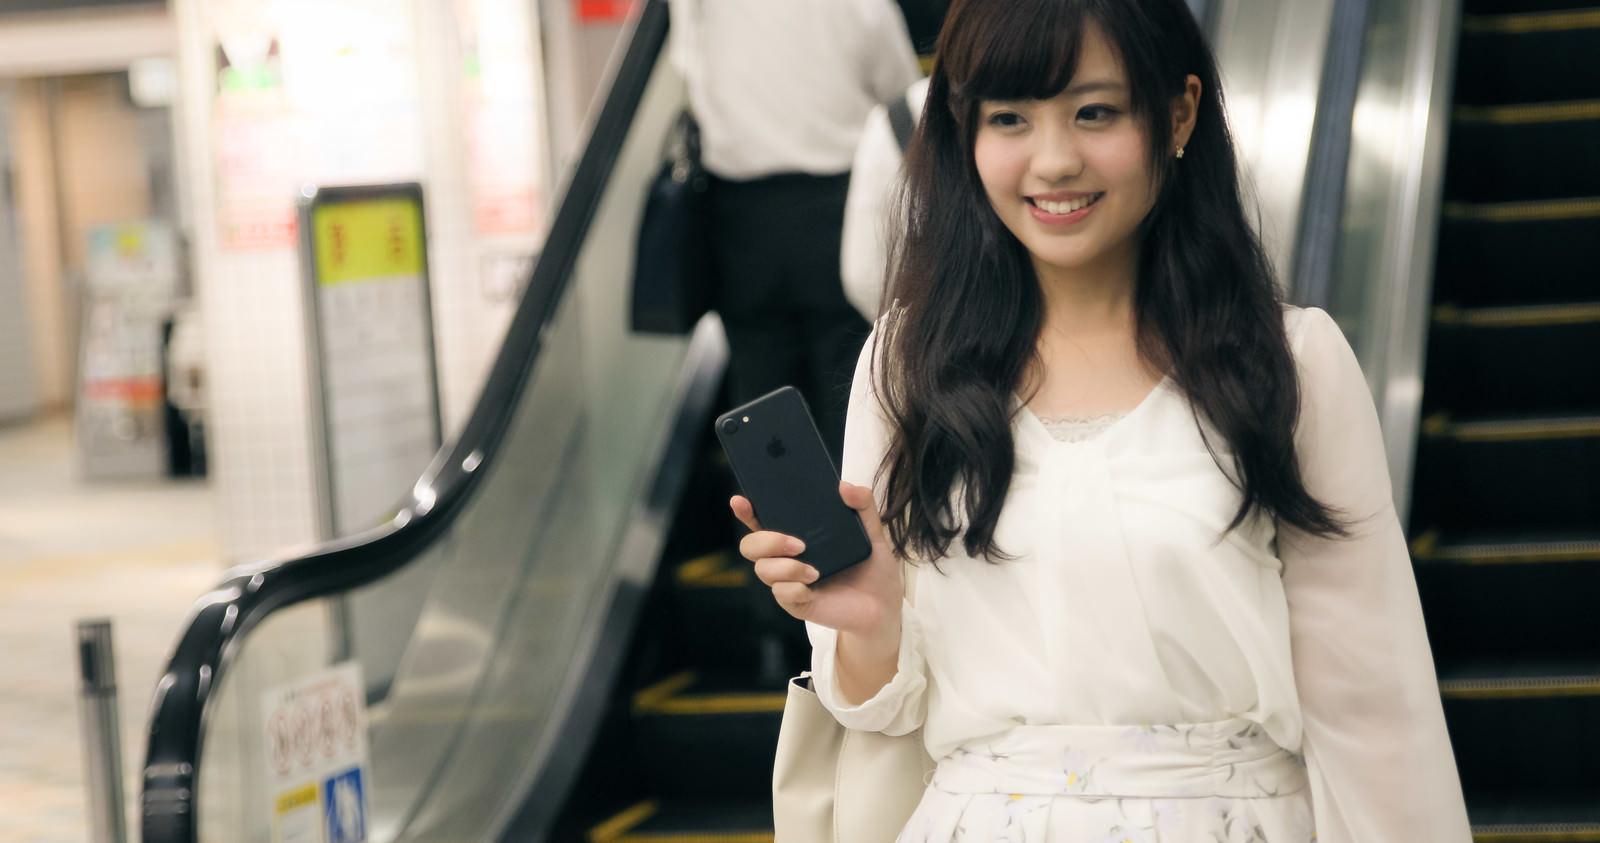 「財布や定期券を出さずにスマートフォンで駅の改札を出る女性財布や定期券を出さずにスマートフォンで駅の改札を出る女性」[モデル:河村友歌]のフリー写真素材を拡大